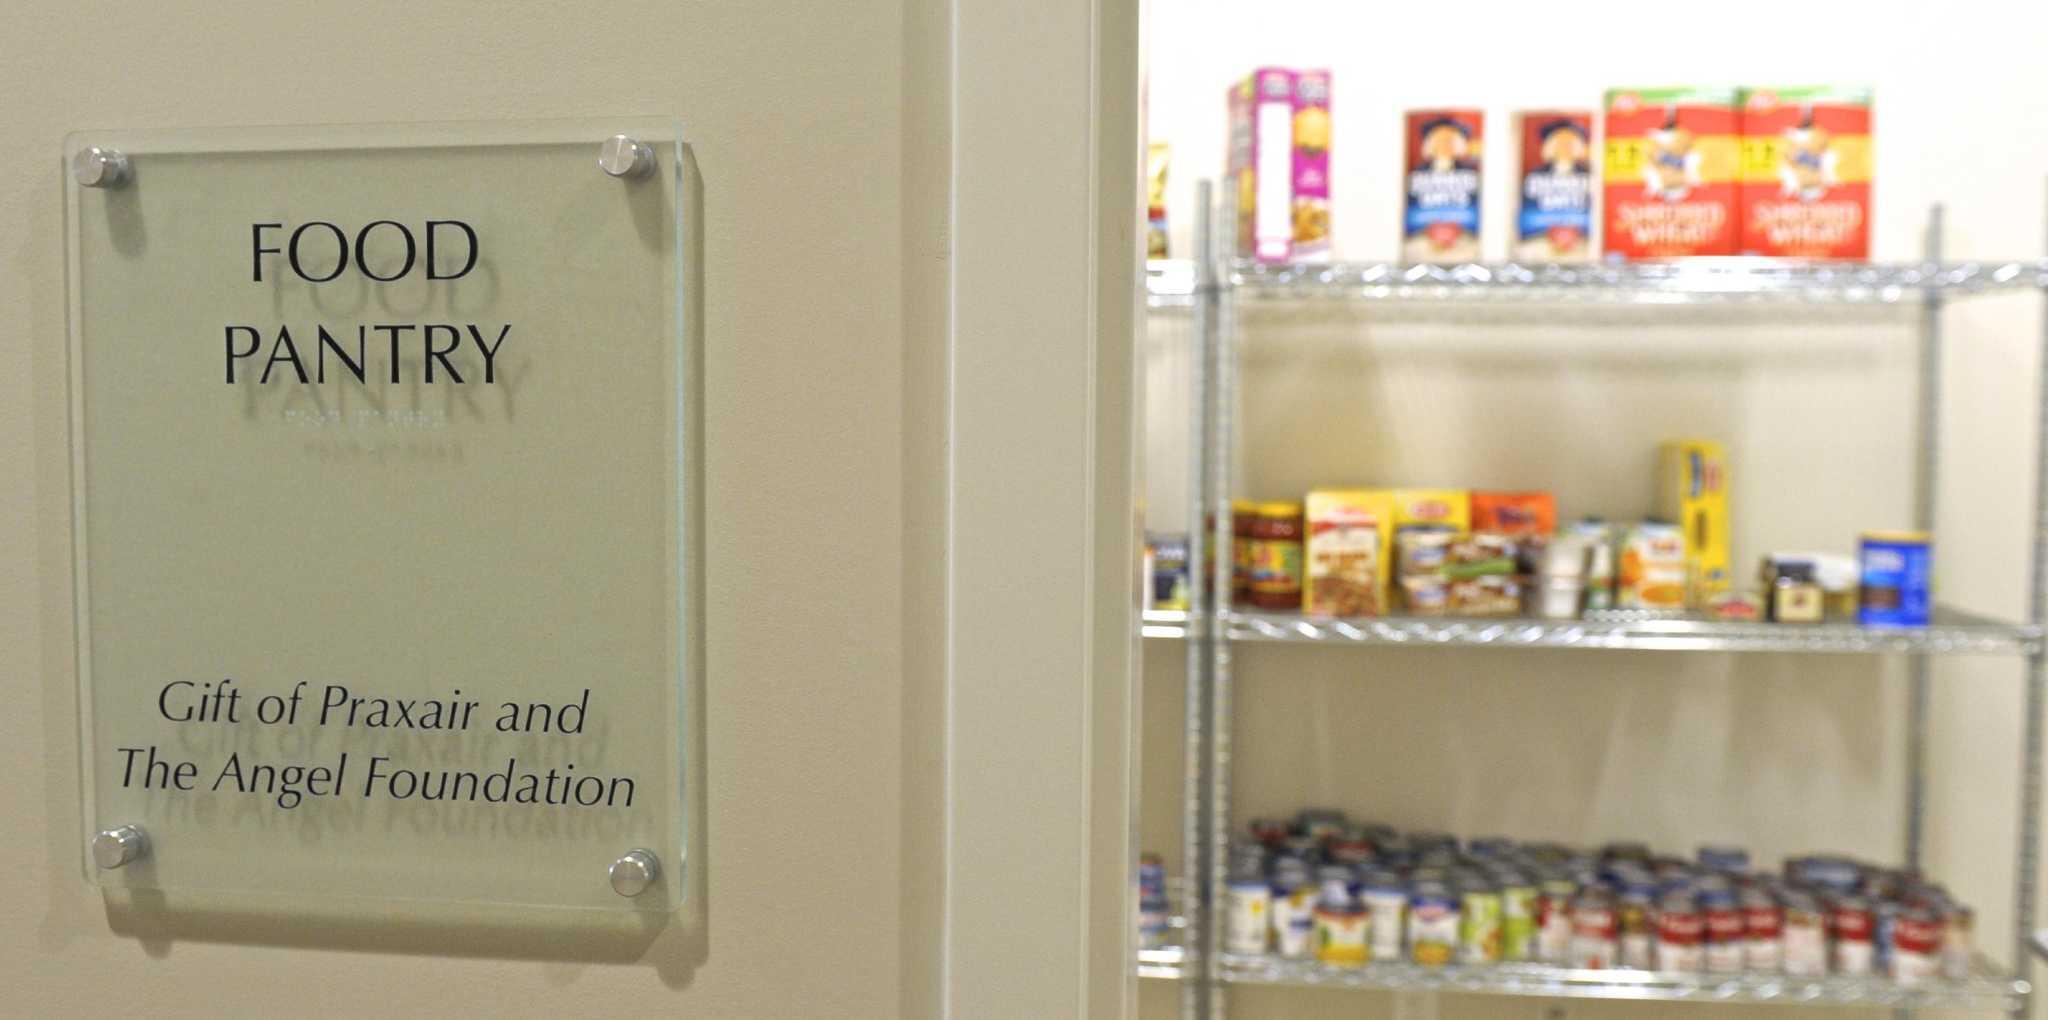 Food Pantry In Shelton Ct